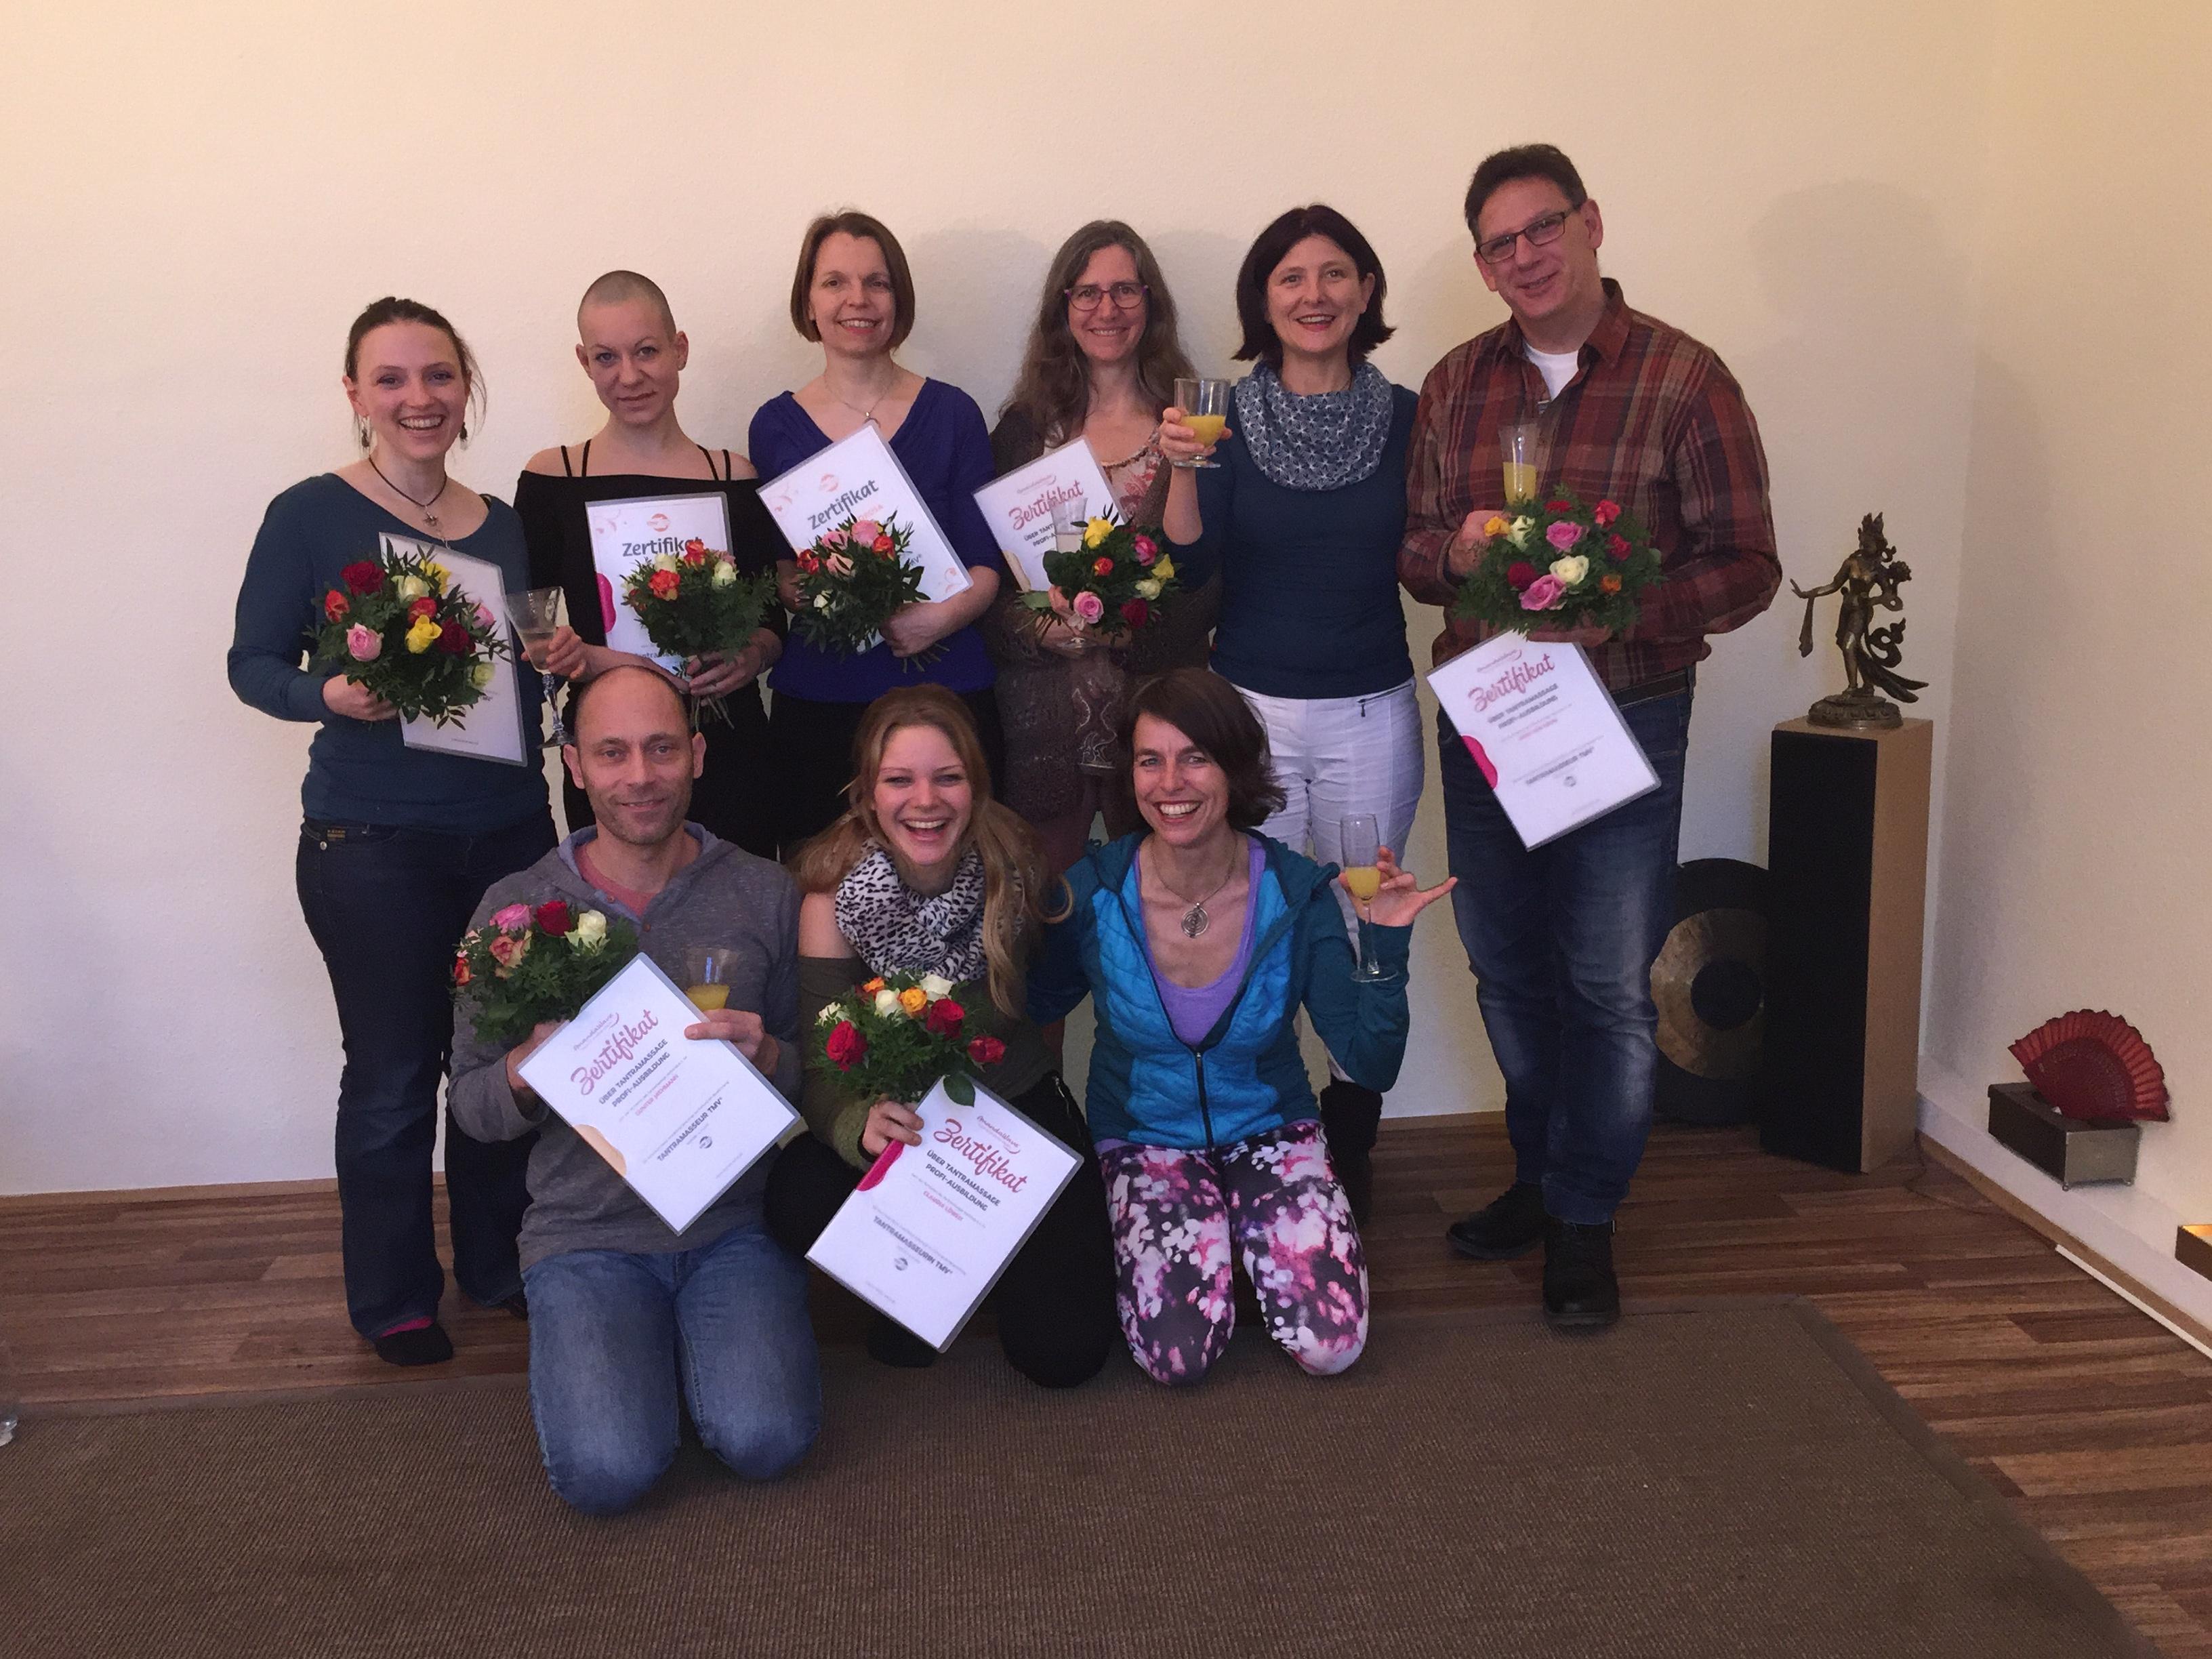 Die Absolventen der Tantra-Seminare feiern Ihre erfolgreiche Teilnahme.